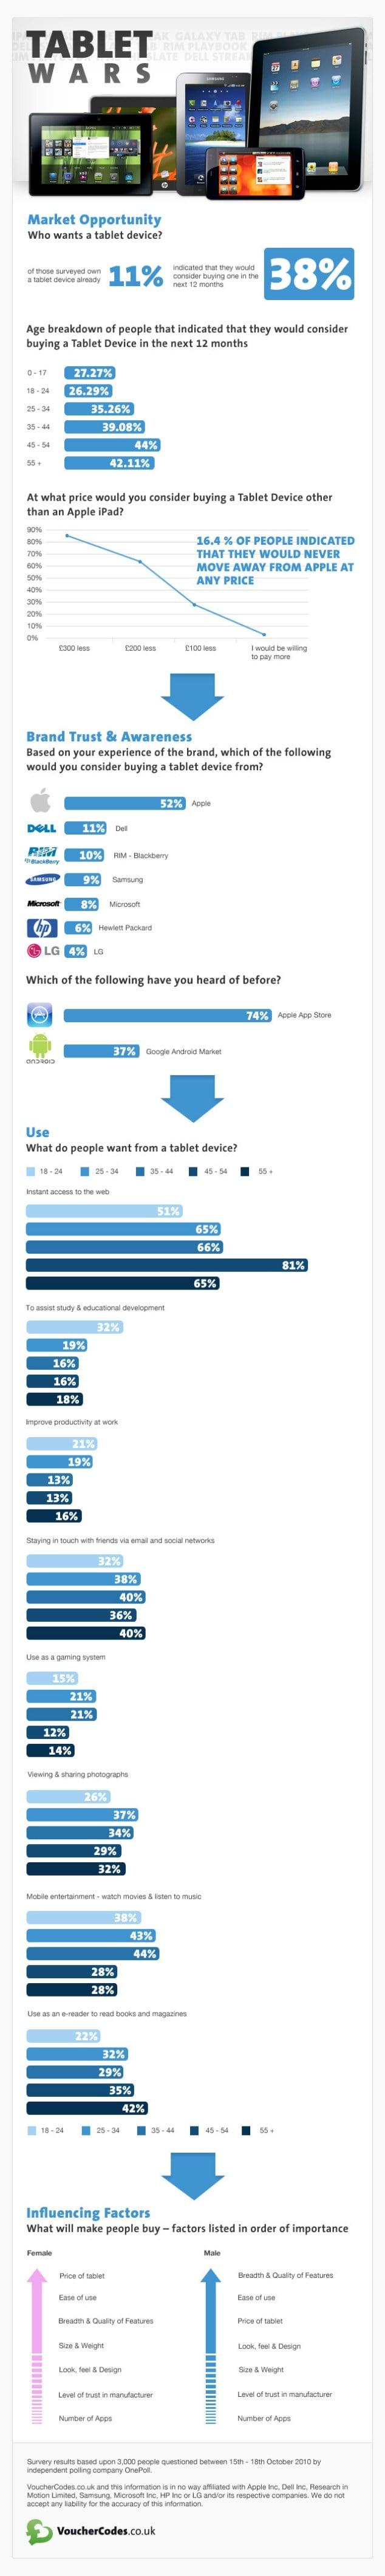 Tabletowo.pl Bitwa tabletów - ciekawa infografika Ciekawostki Nowości